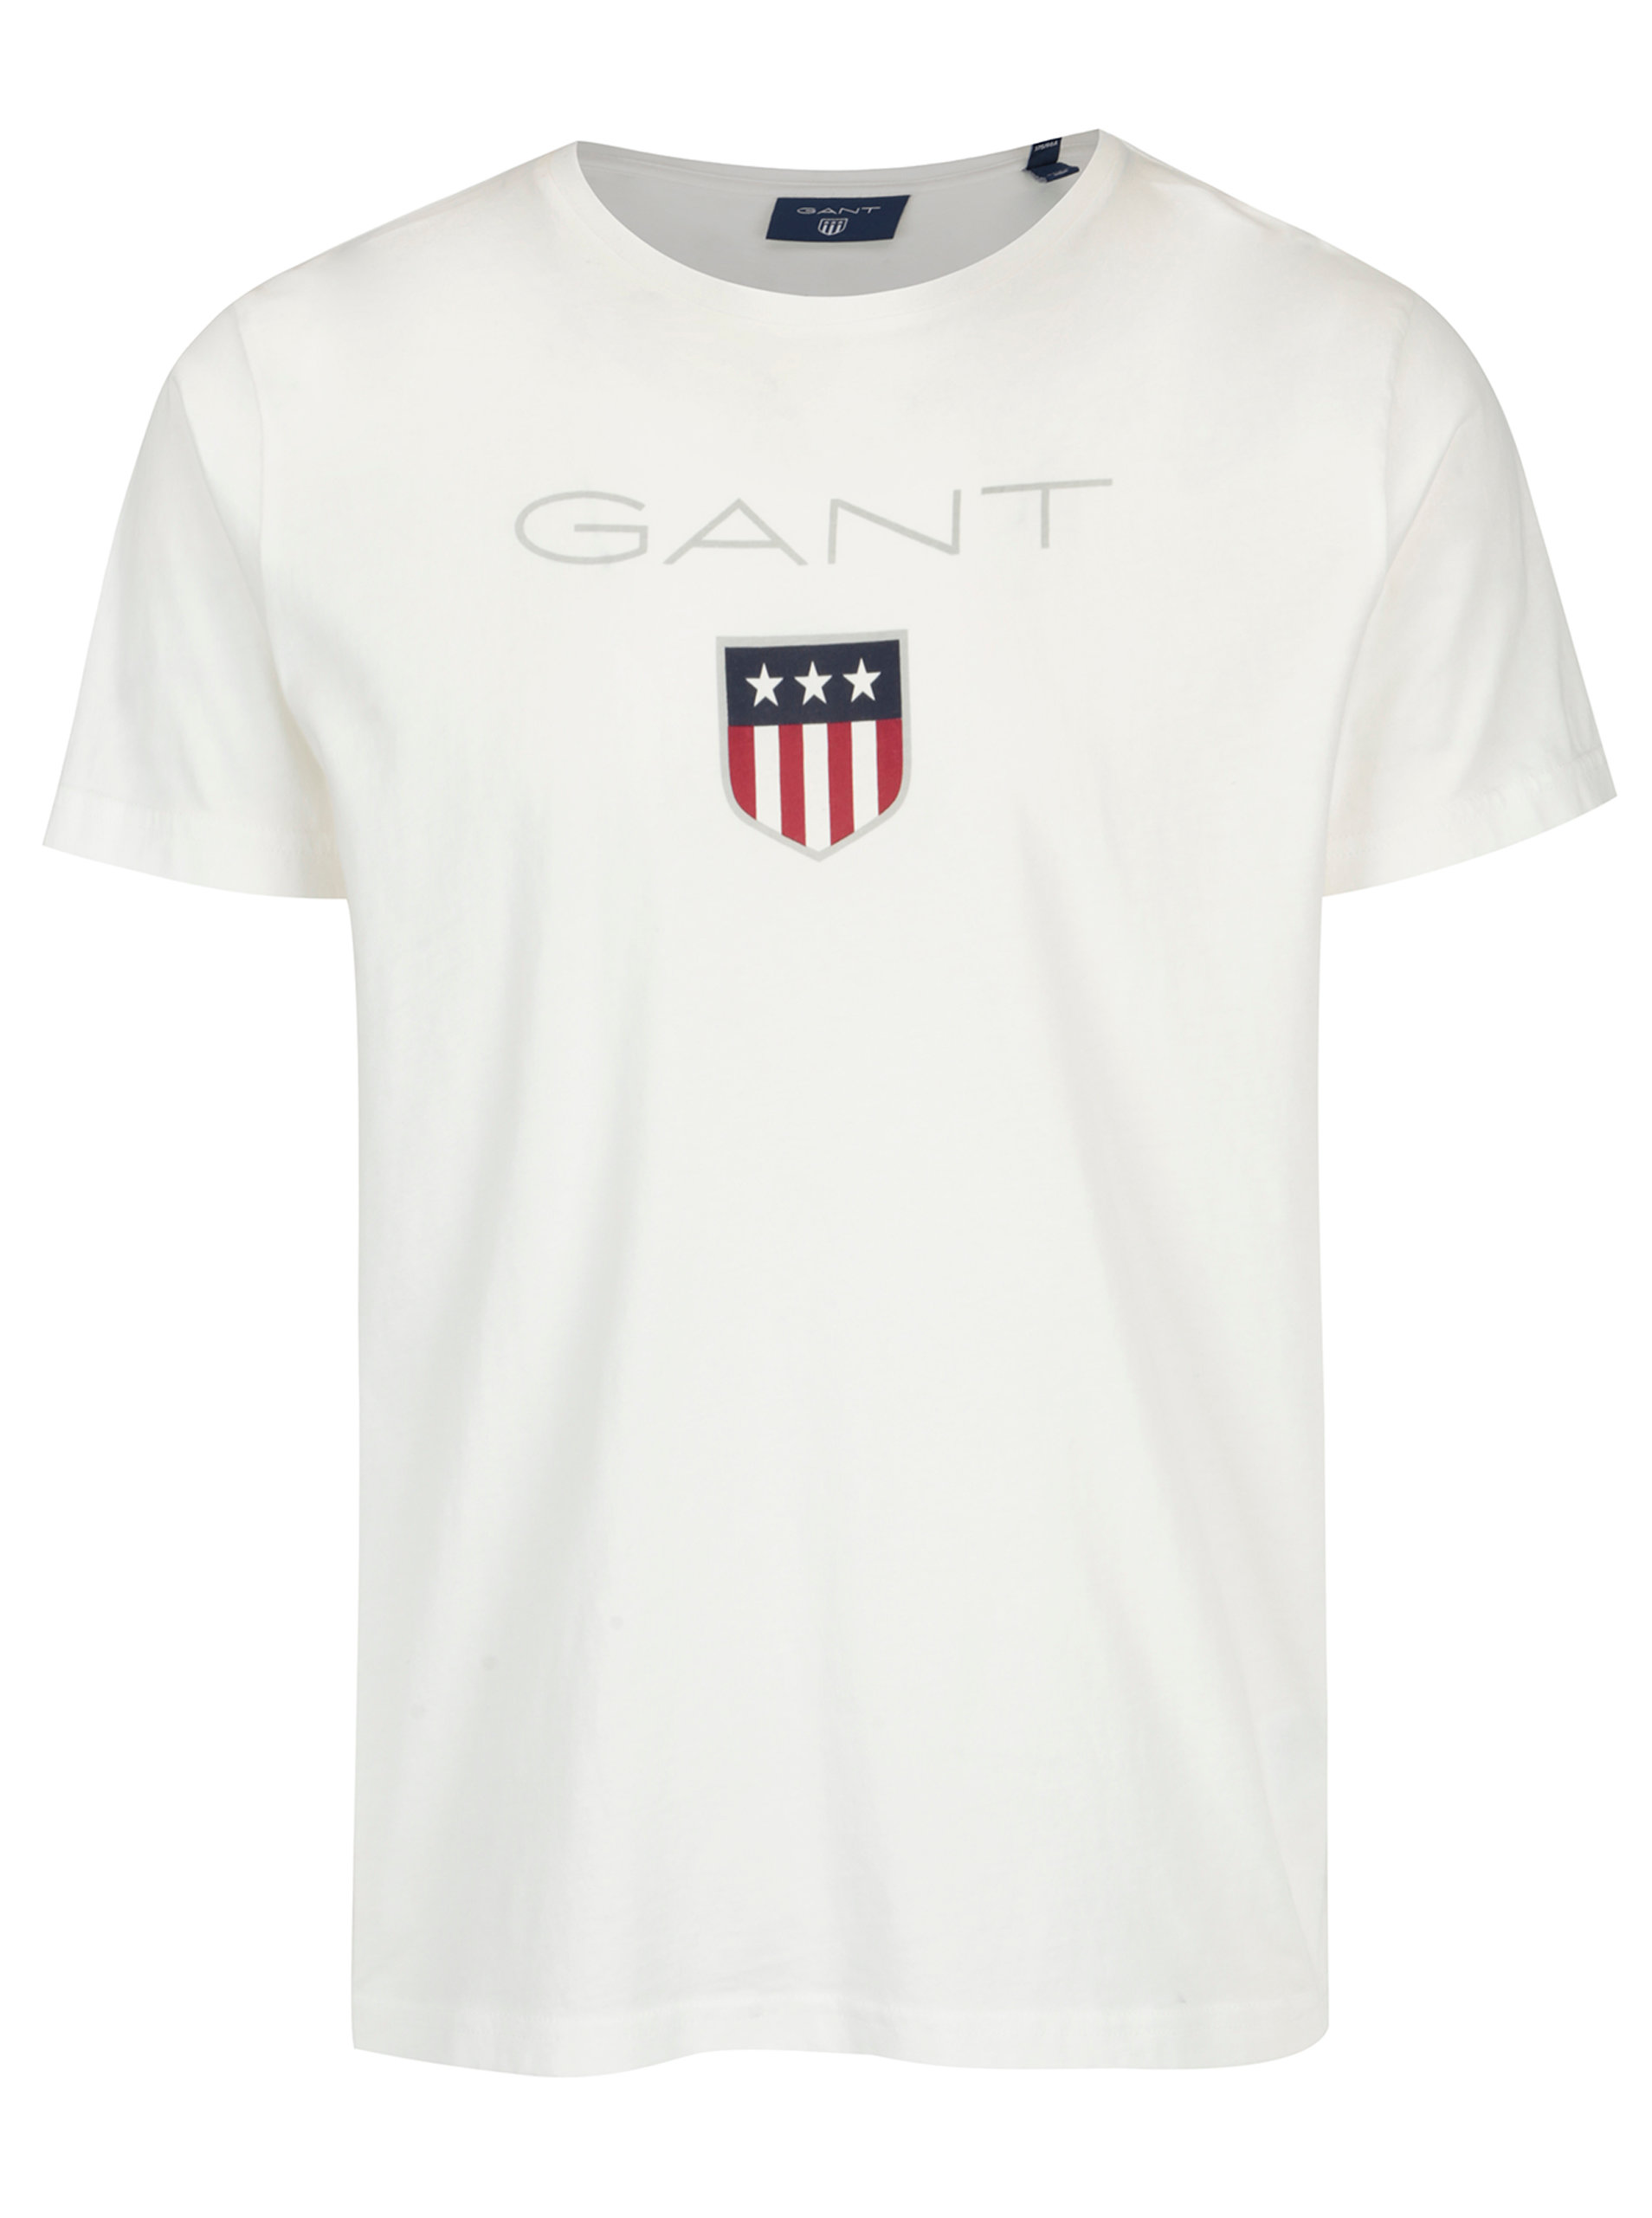 370558ad5730 Biele pánske tričko s krátkym rukávom a potlačou loga GANT ...